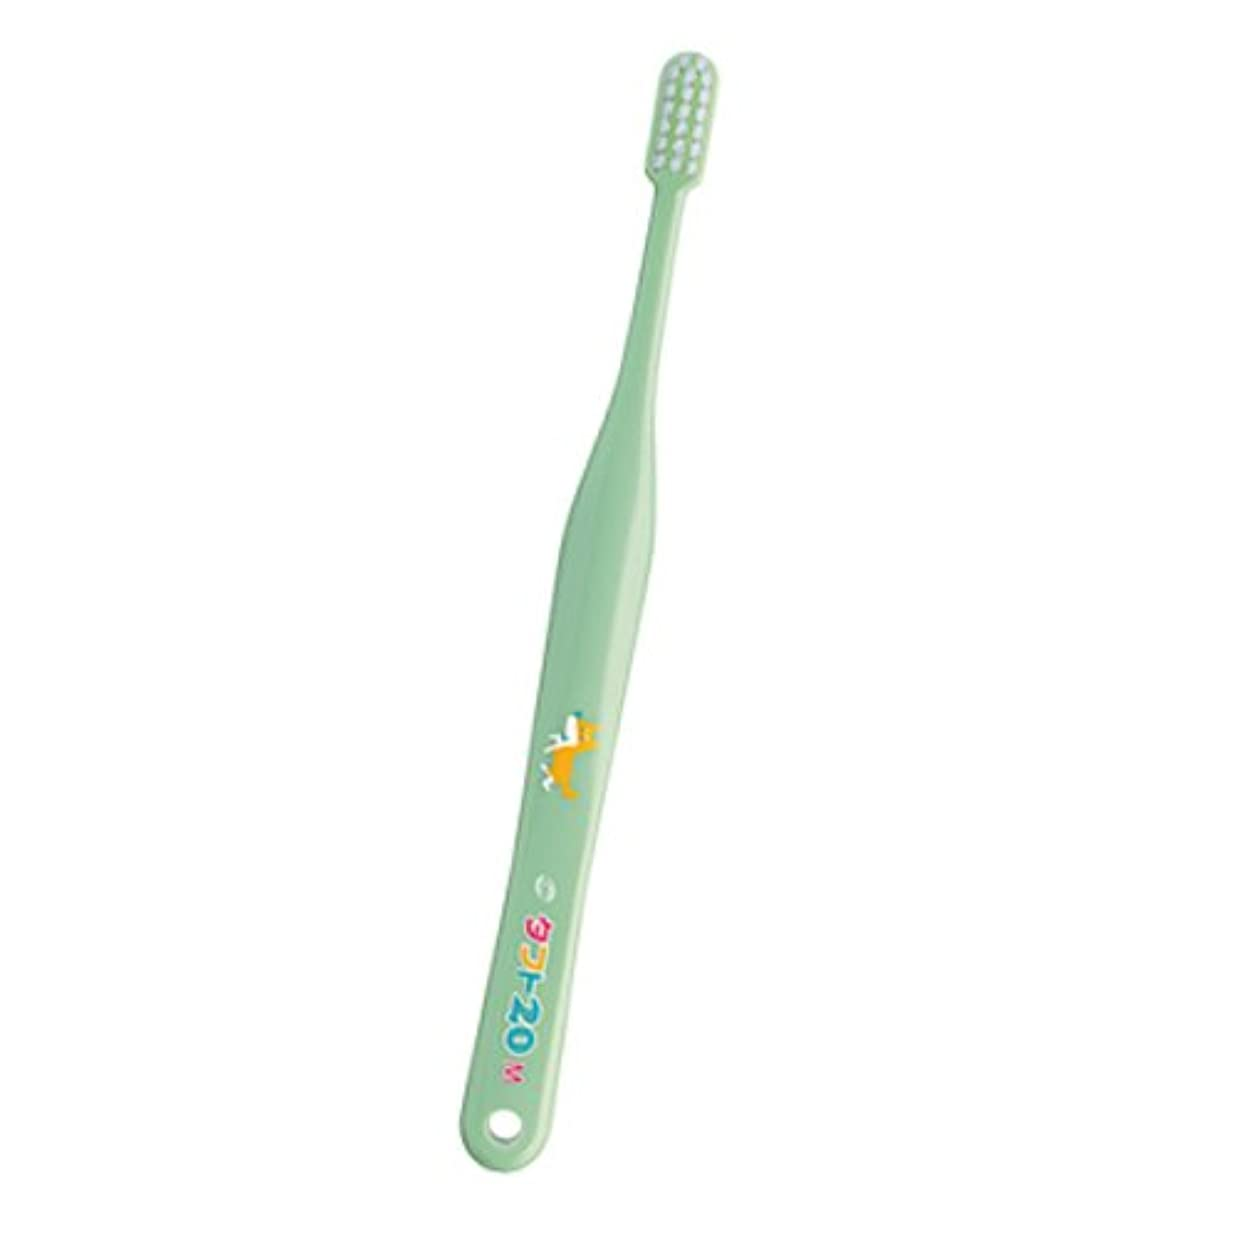 パイル圧倒的欠如オーラルケア タフト 20 歯ブラシ ミディアム 1本 グリーン M